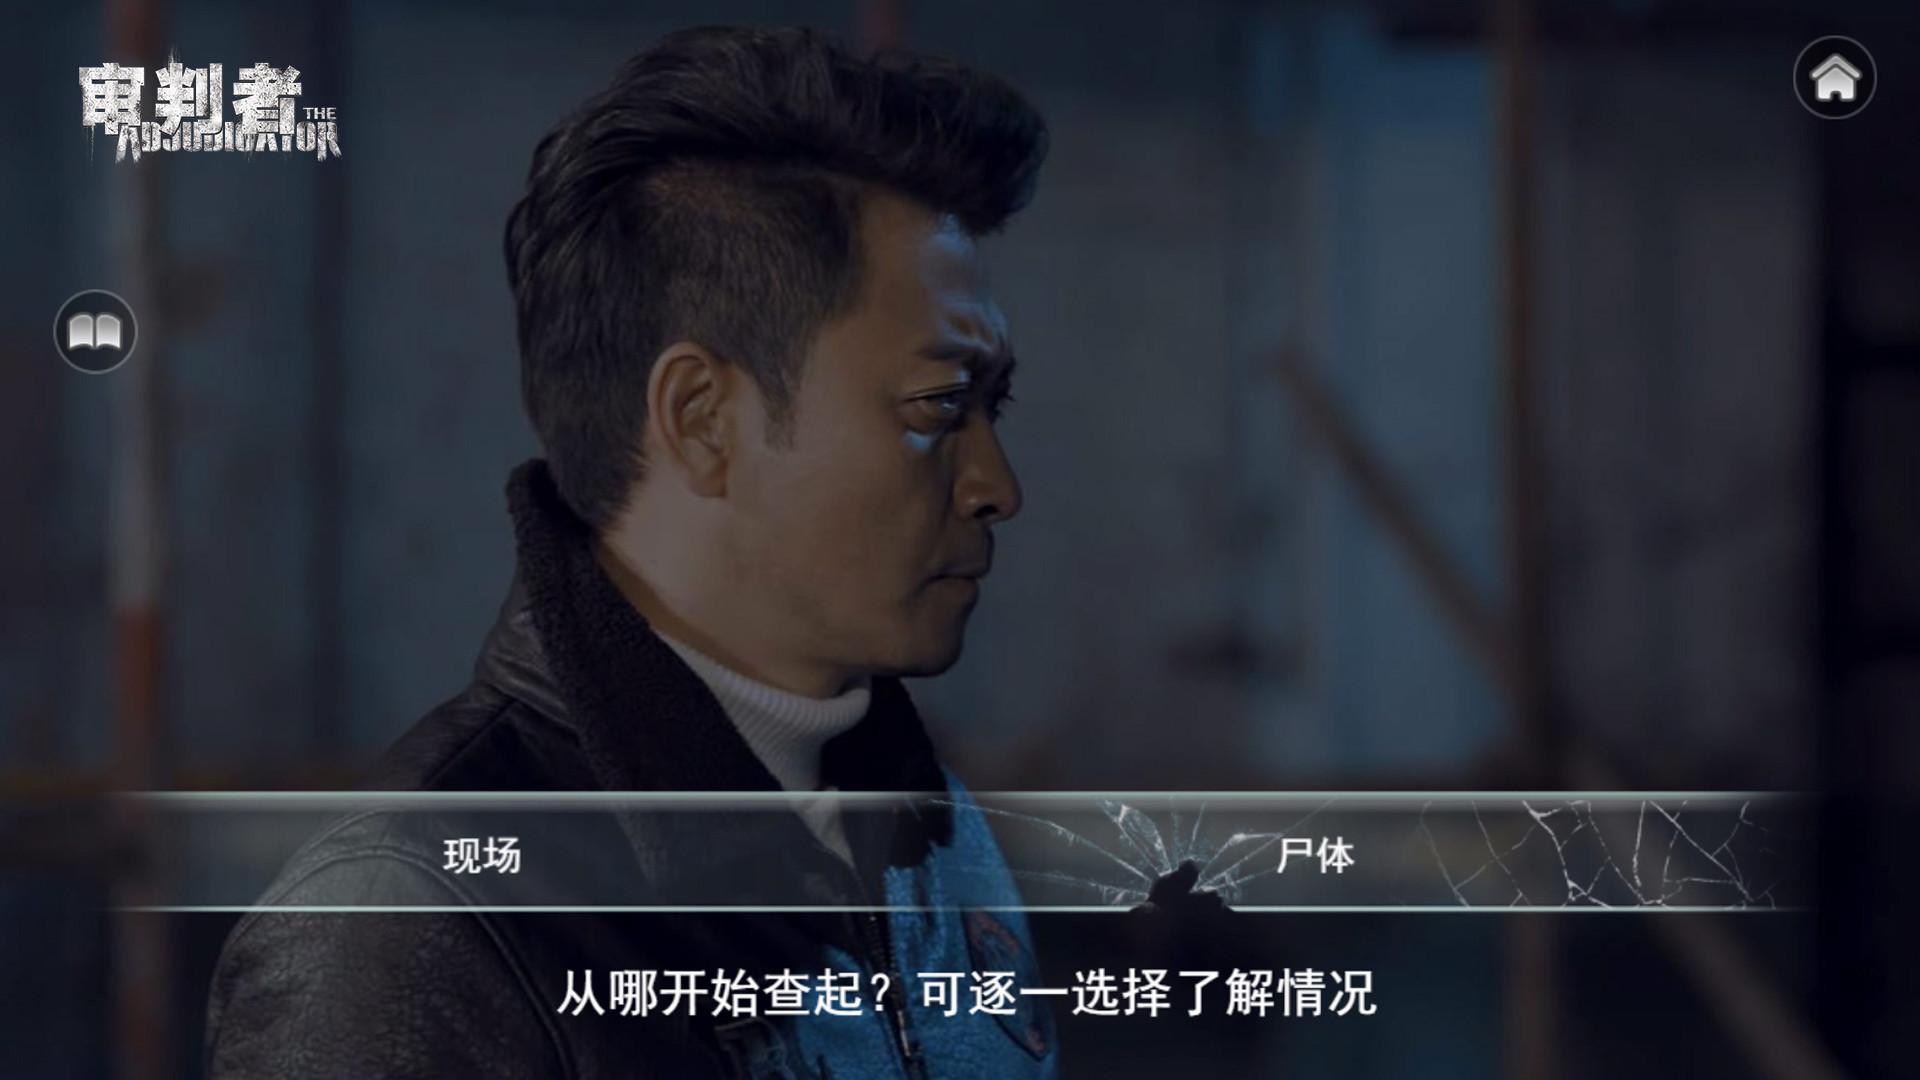 国产真人交互电影《审判者》将推出高清重制版